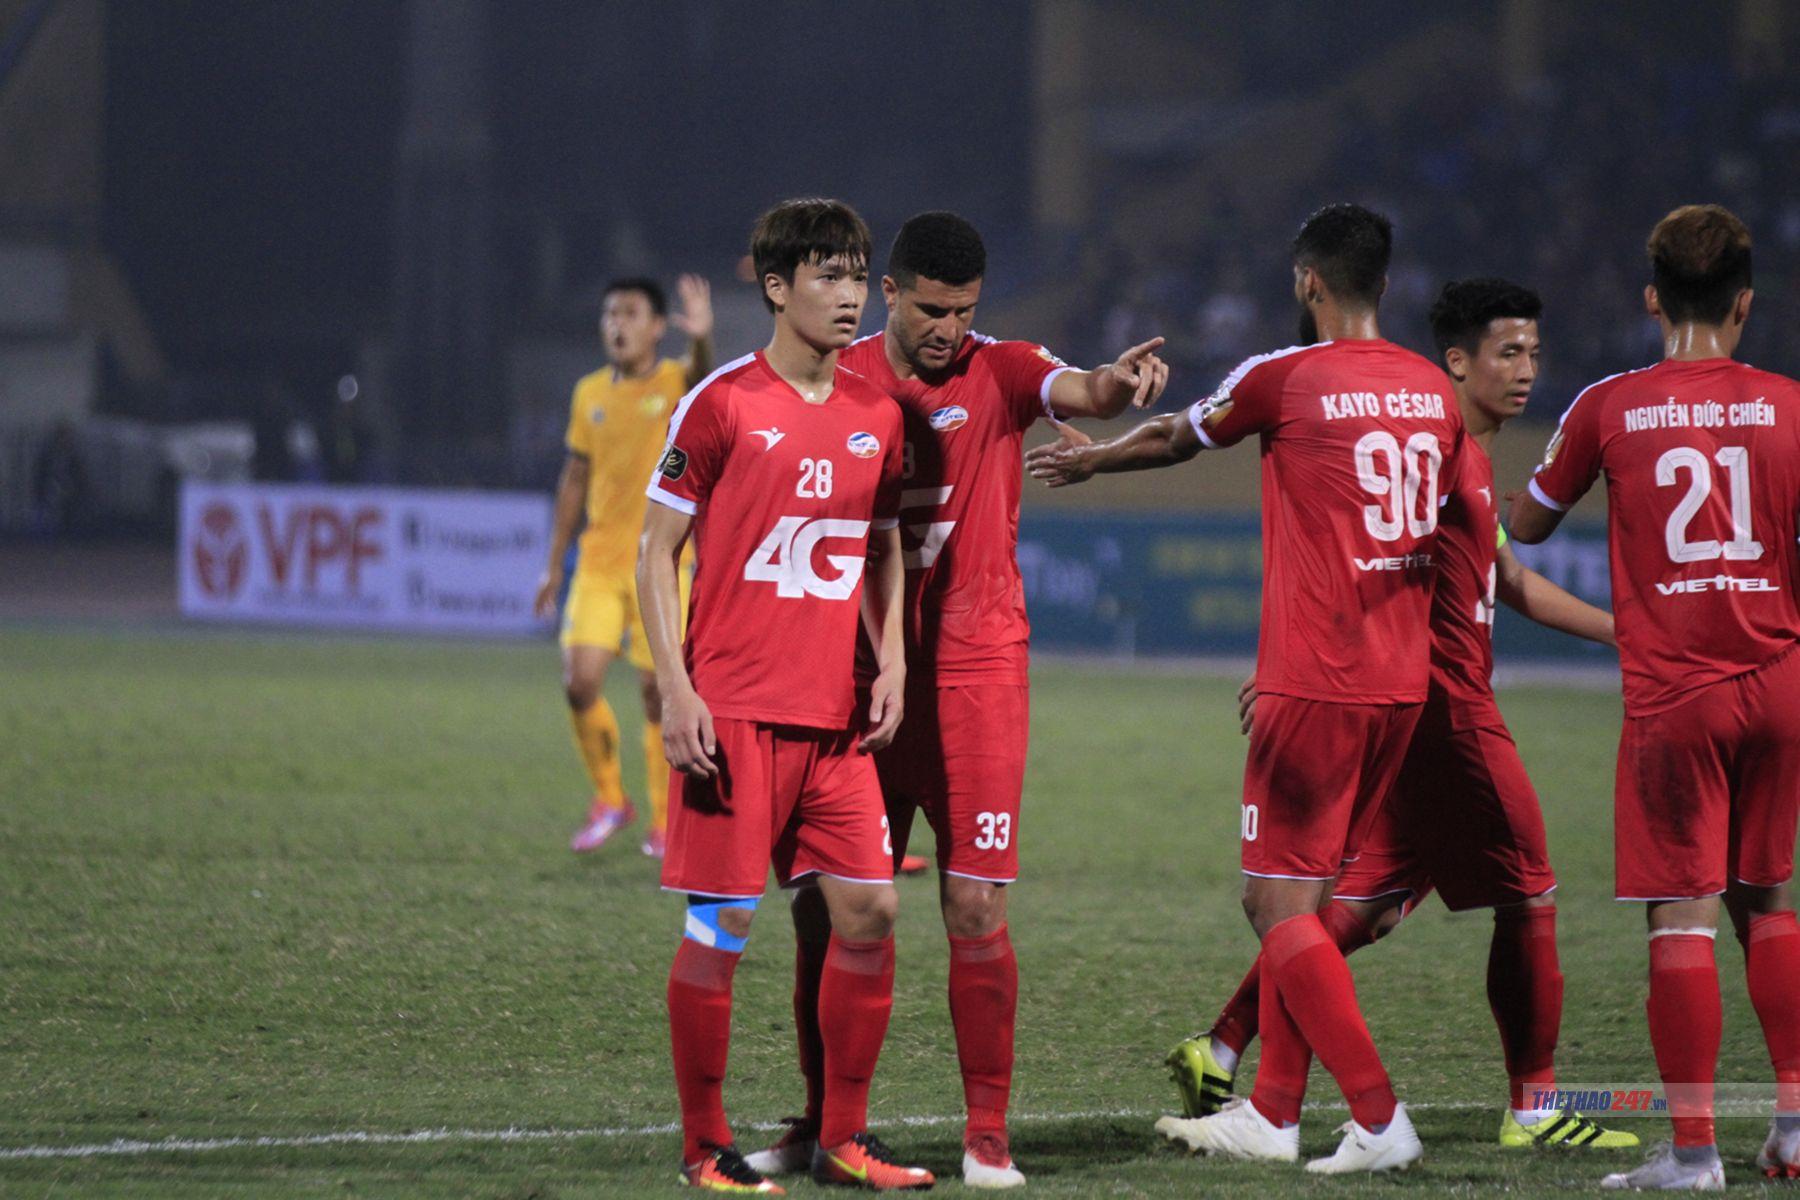 Trực tiếp Viettel vs Nam Định, 19h00 hôm nay